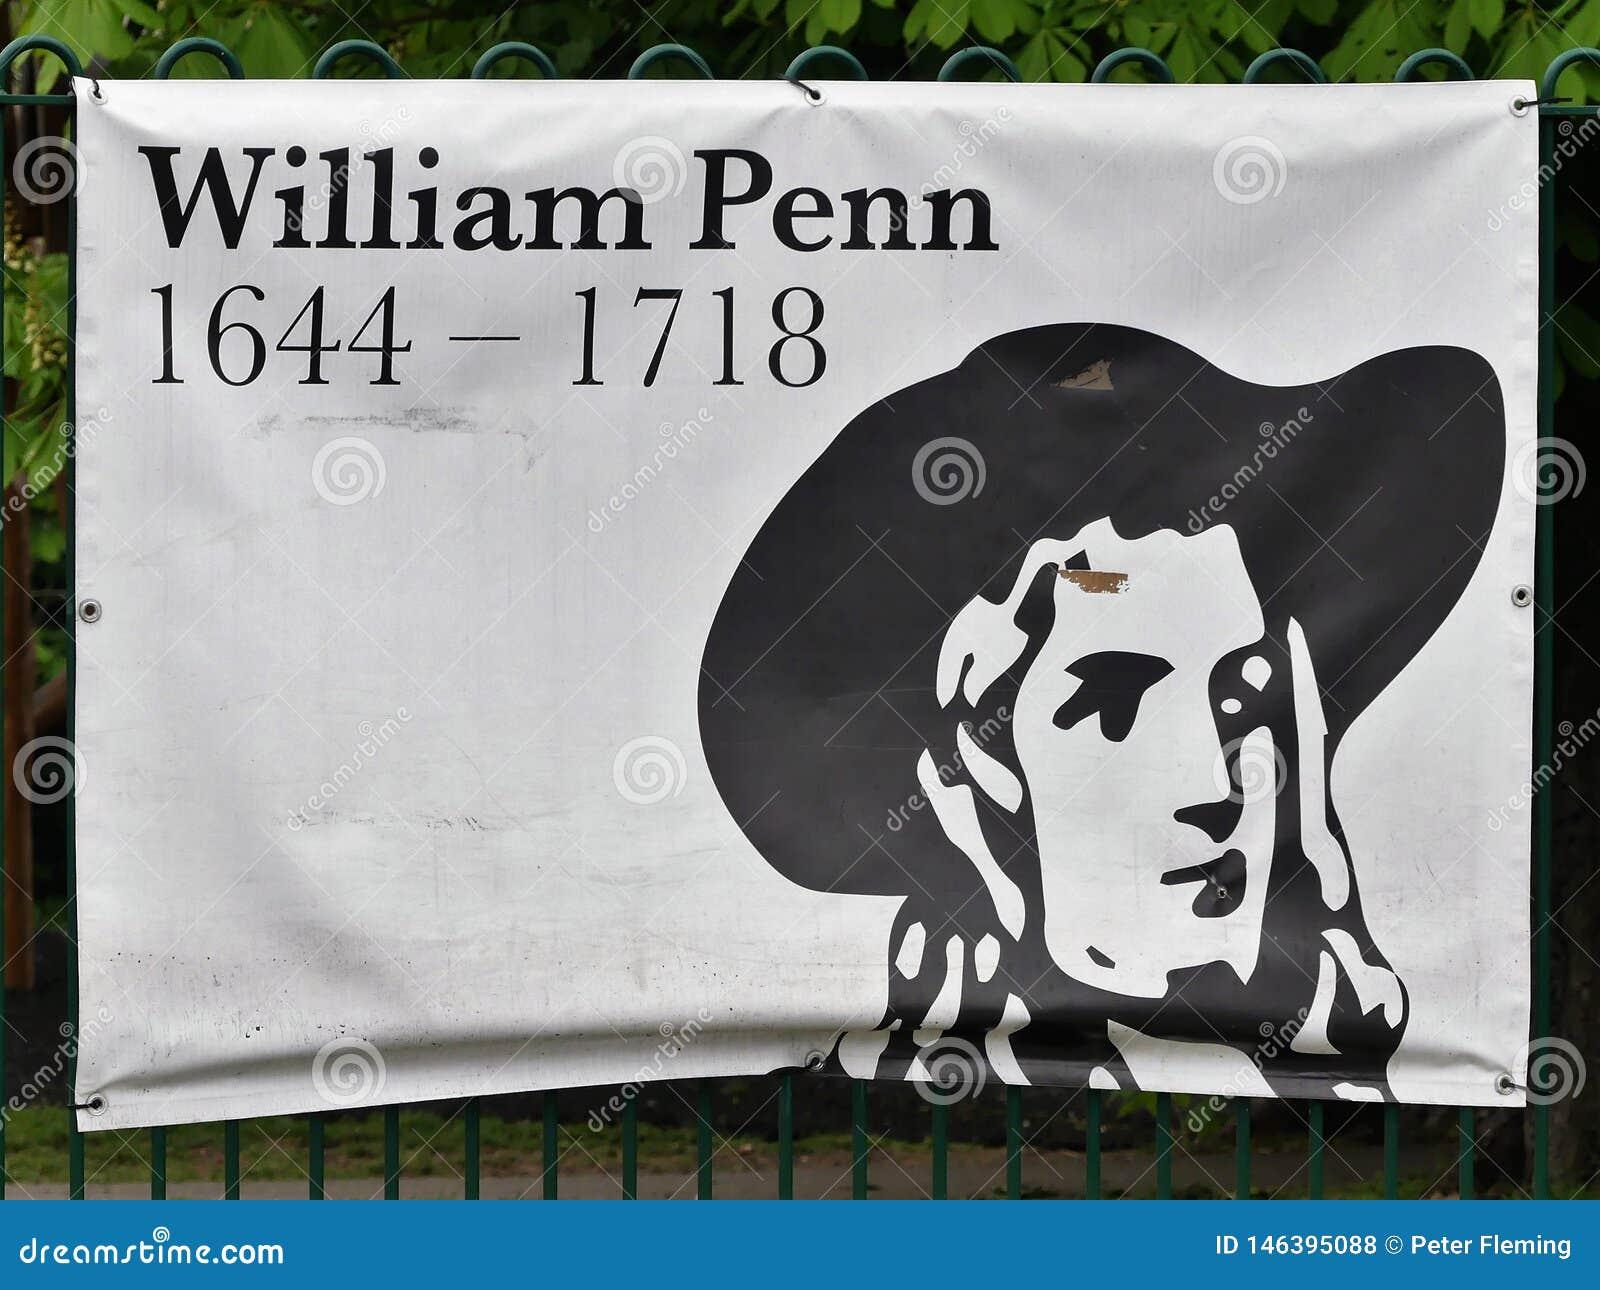 Σημάδι που τιμά την μνήμη της ζωής του William Penn, πρώτος κουάκερος, και ιδρυτής της αγγλικής βορειοαμερικανικής αποικίας η επα